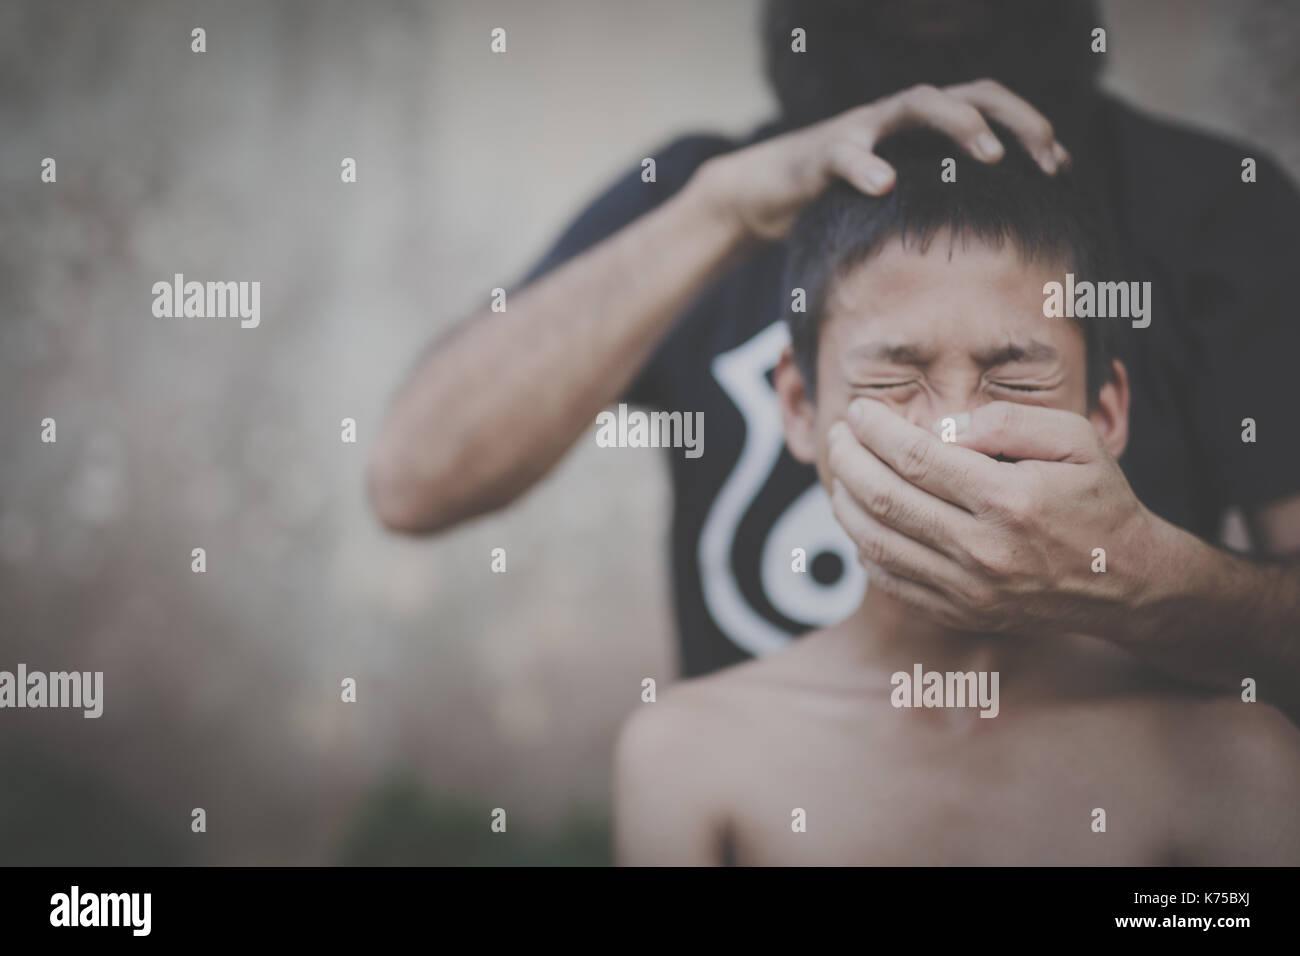 La traite des êtres humains, arrêter d'abuser la violence contre les enfants, la Journée des droits de l'concept. Photo Stock